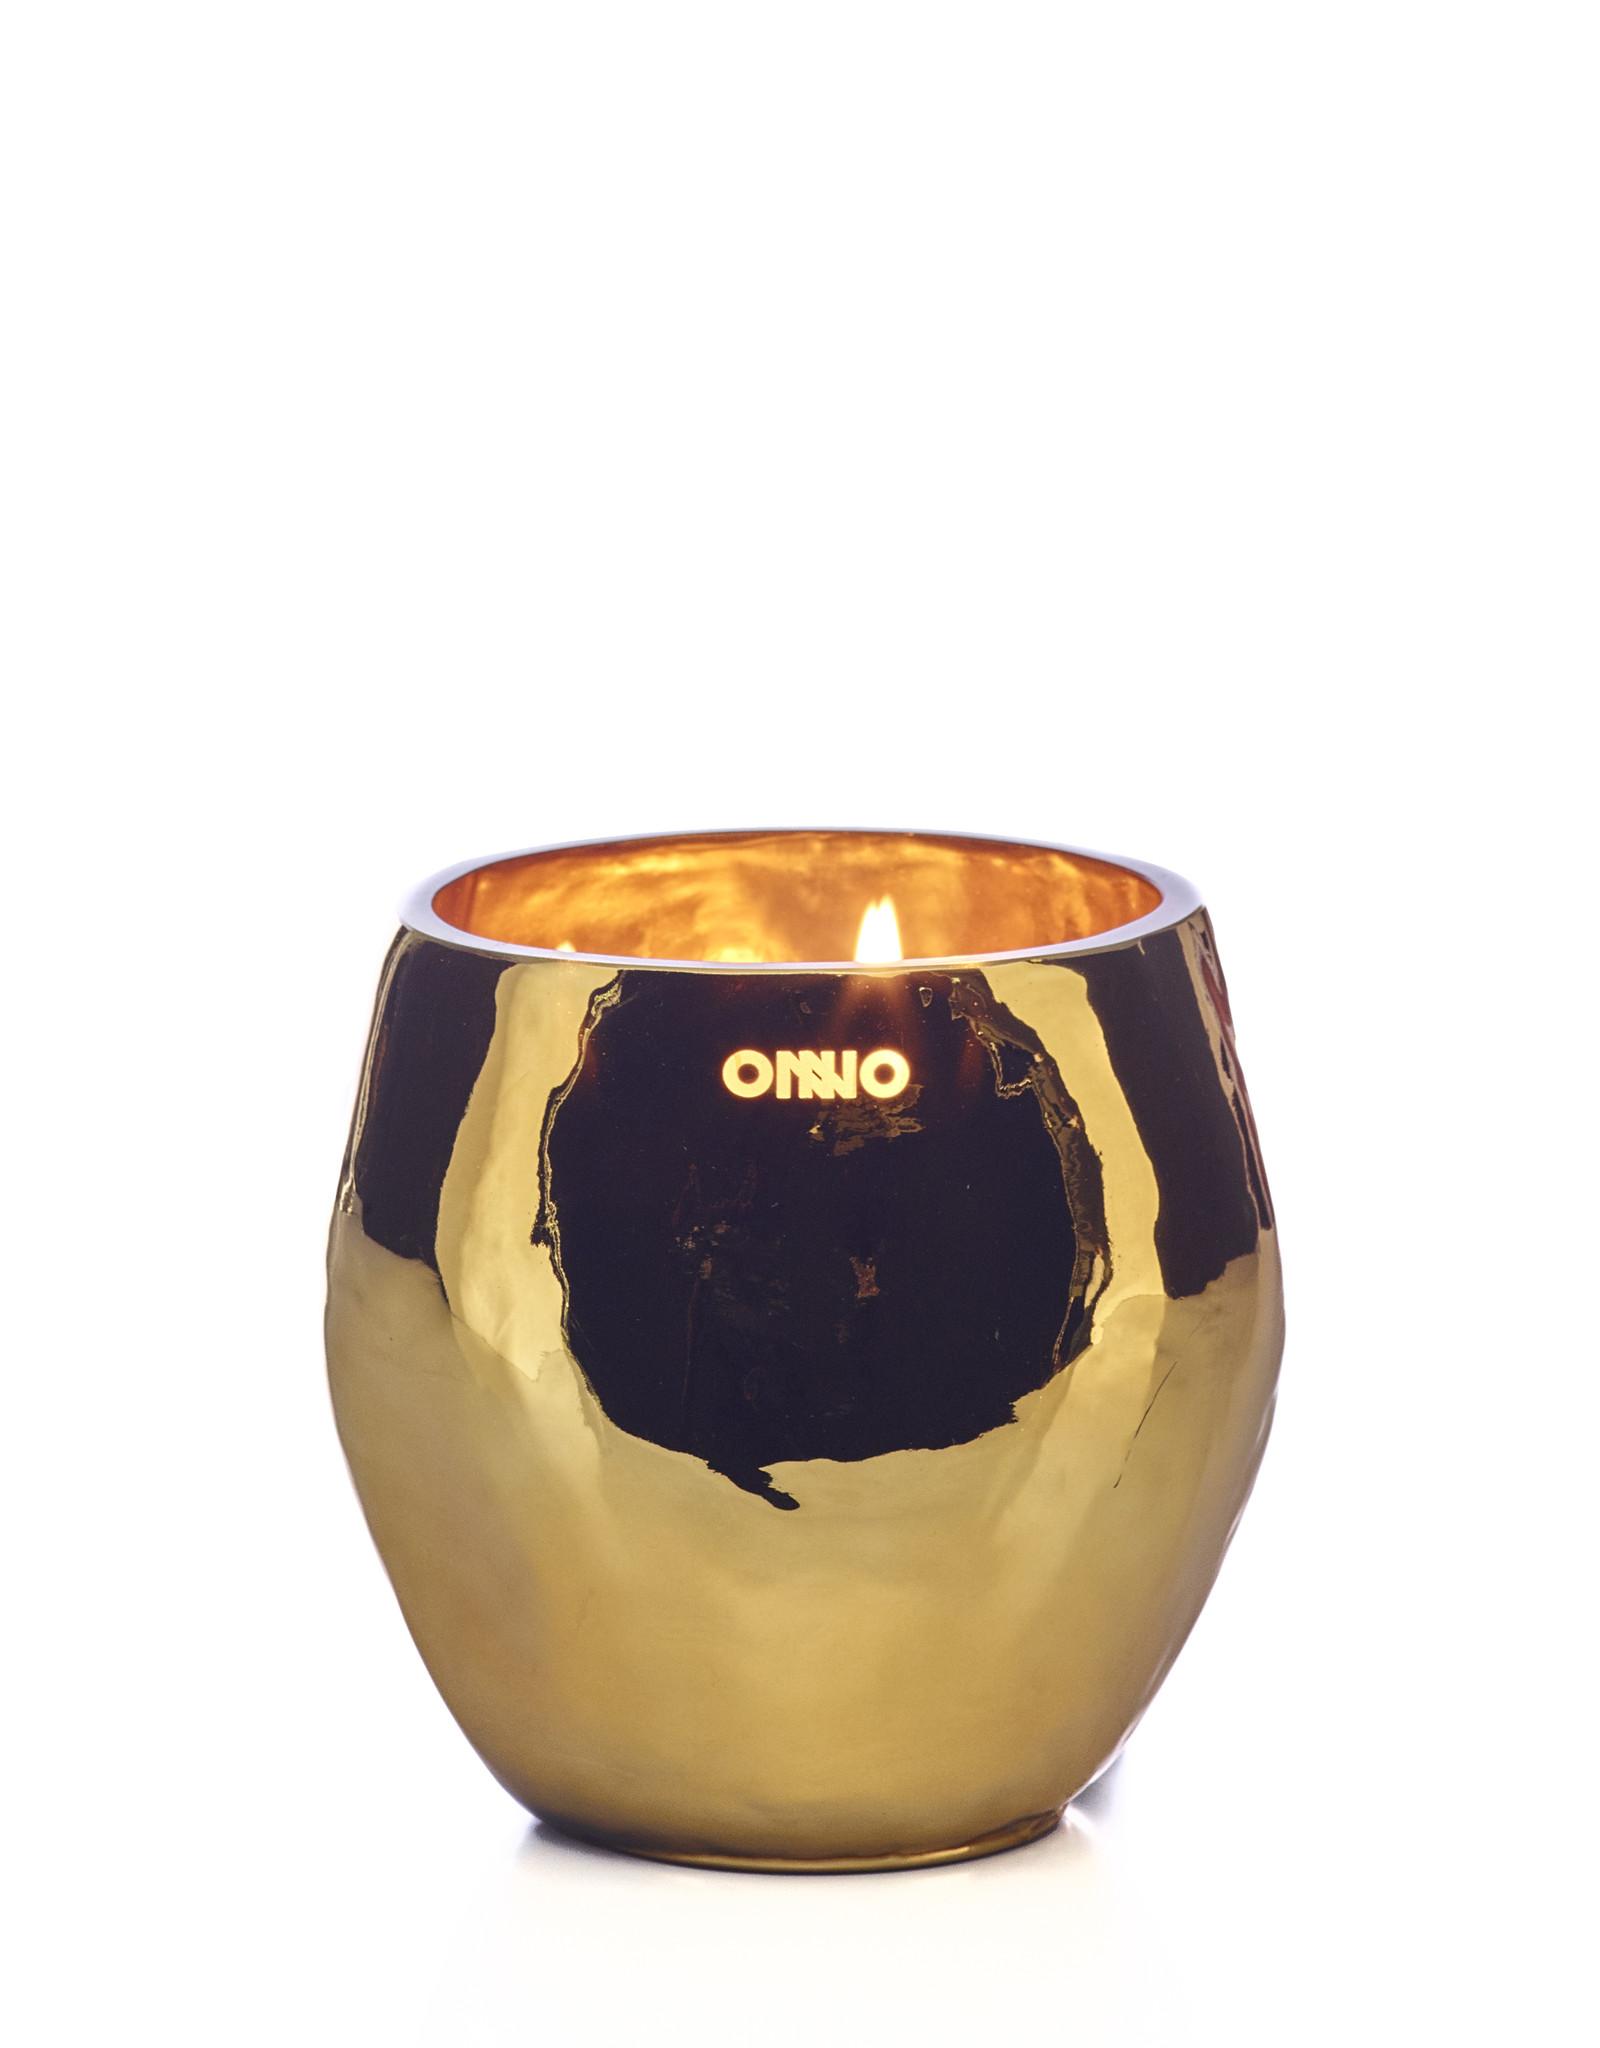 ONNO CAPE S - GOLD